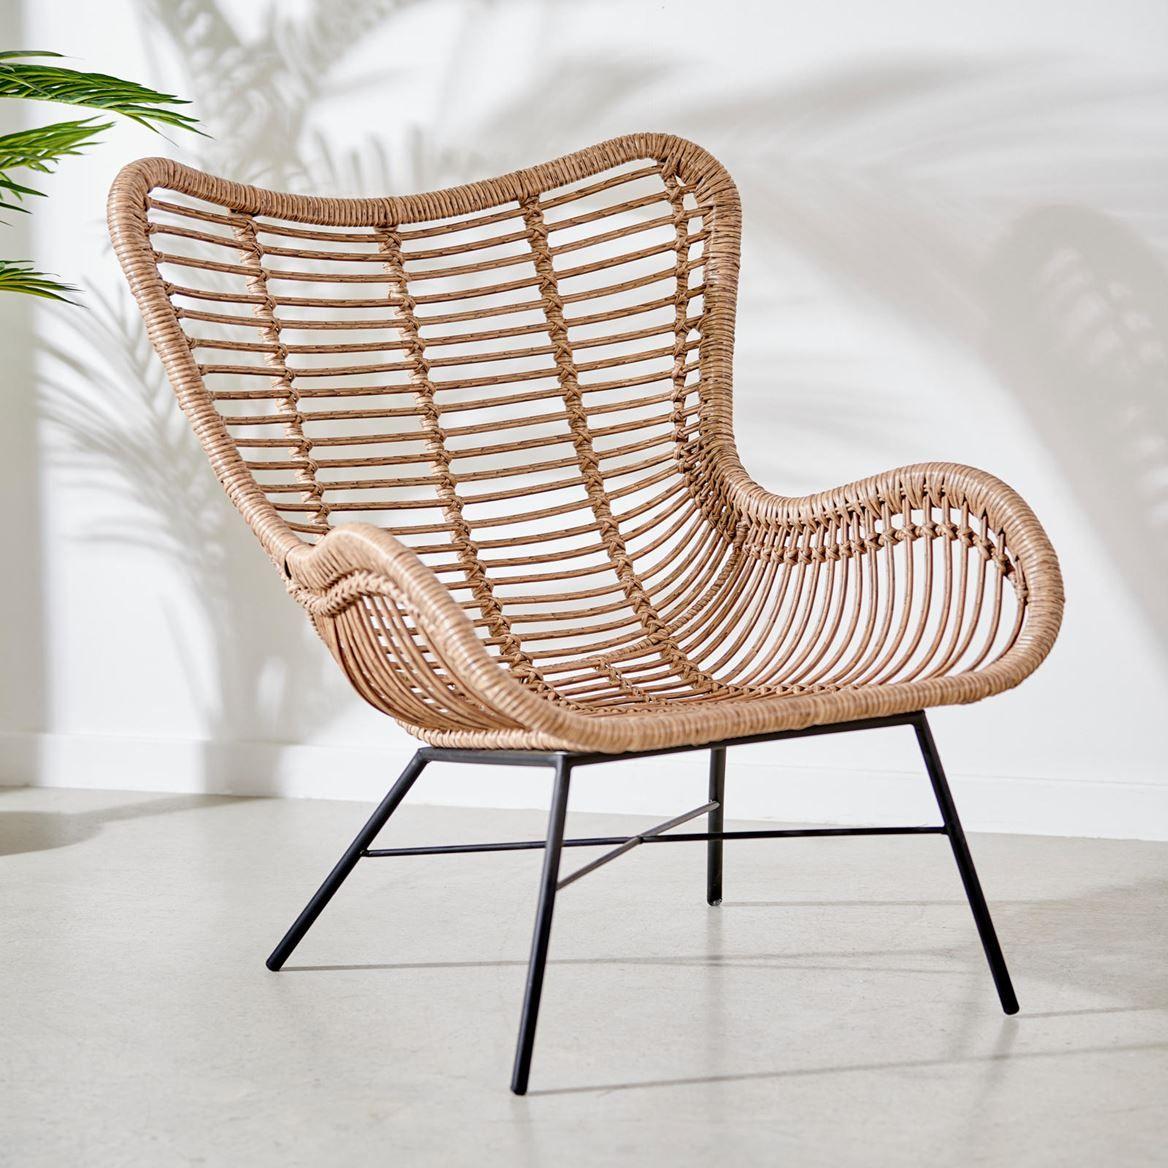 Tobago Chaise Lounge Noir Naturel H 91 X Larg 79 X P 71 5 Cm Specialiste Depuis 40 Ans Deja Casa Mobilier De Salon Chaise Rotin Lounge